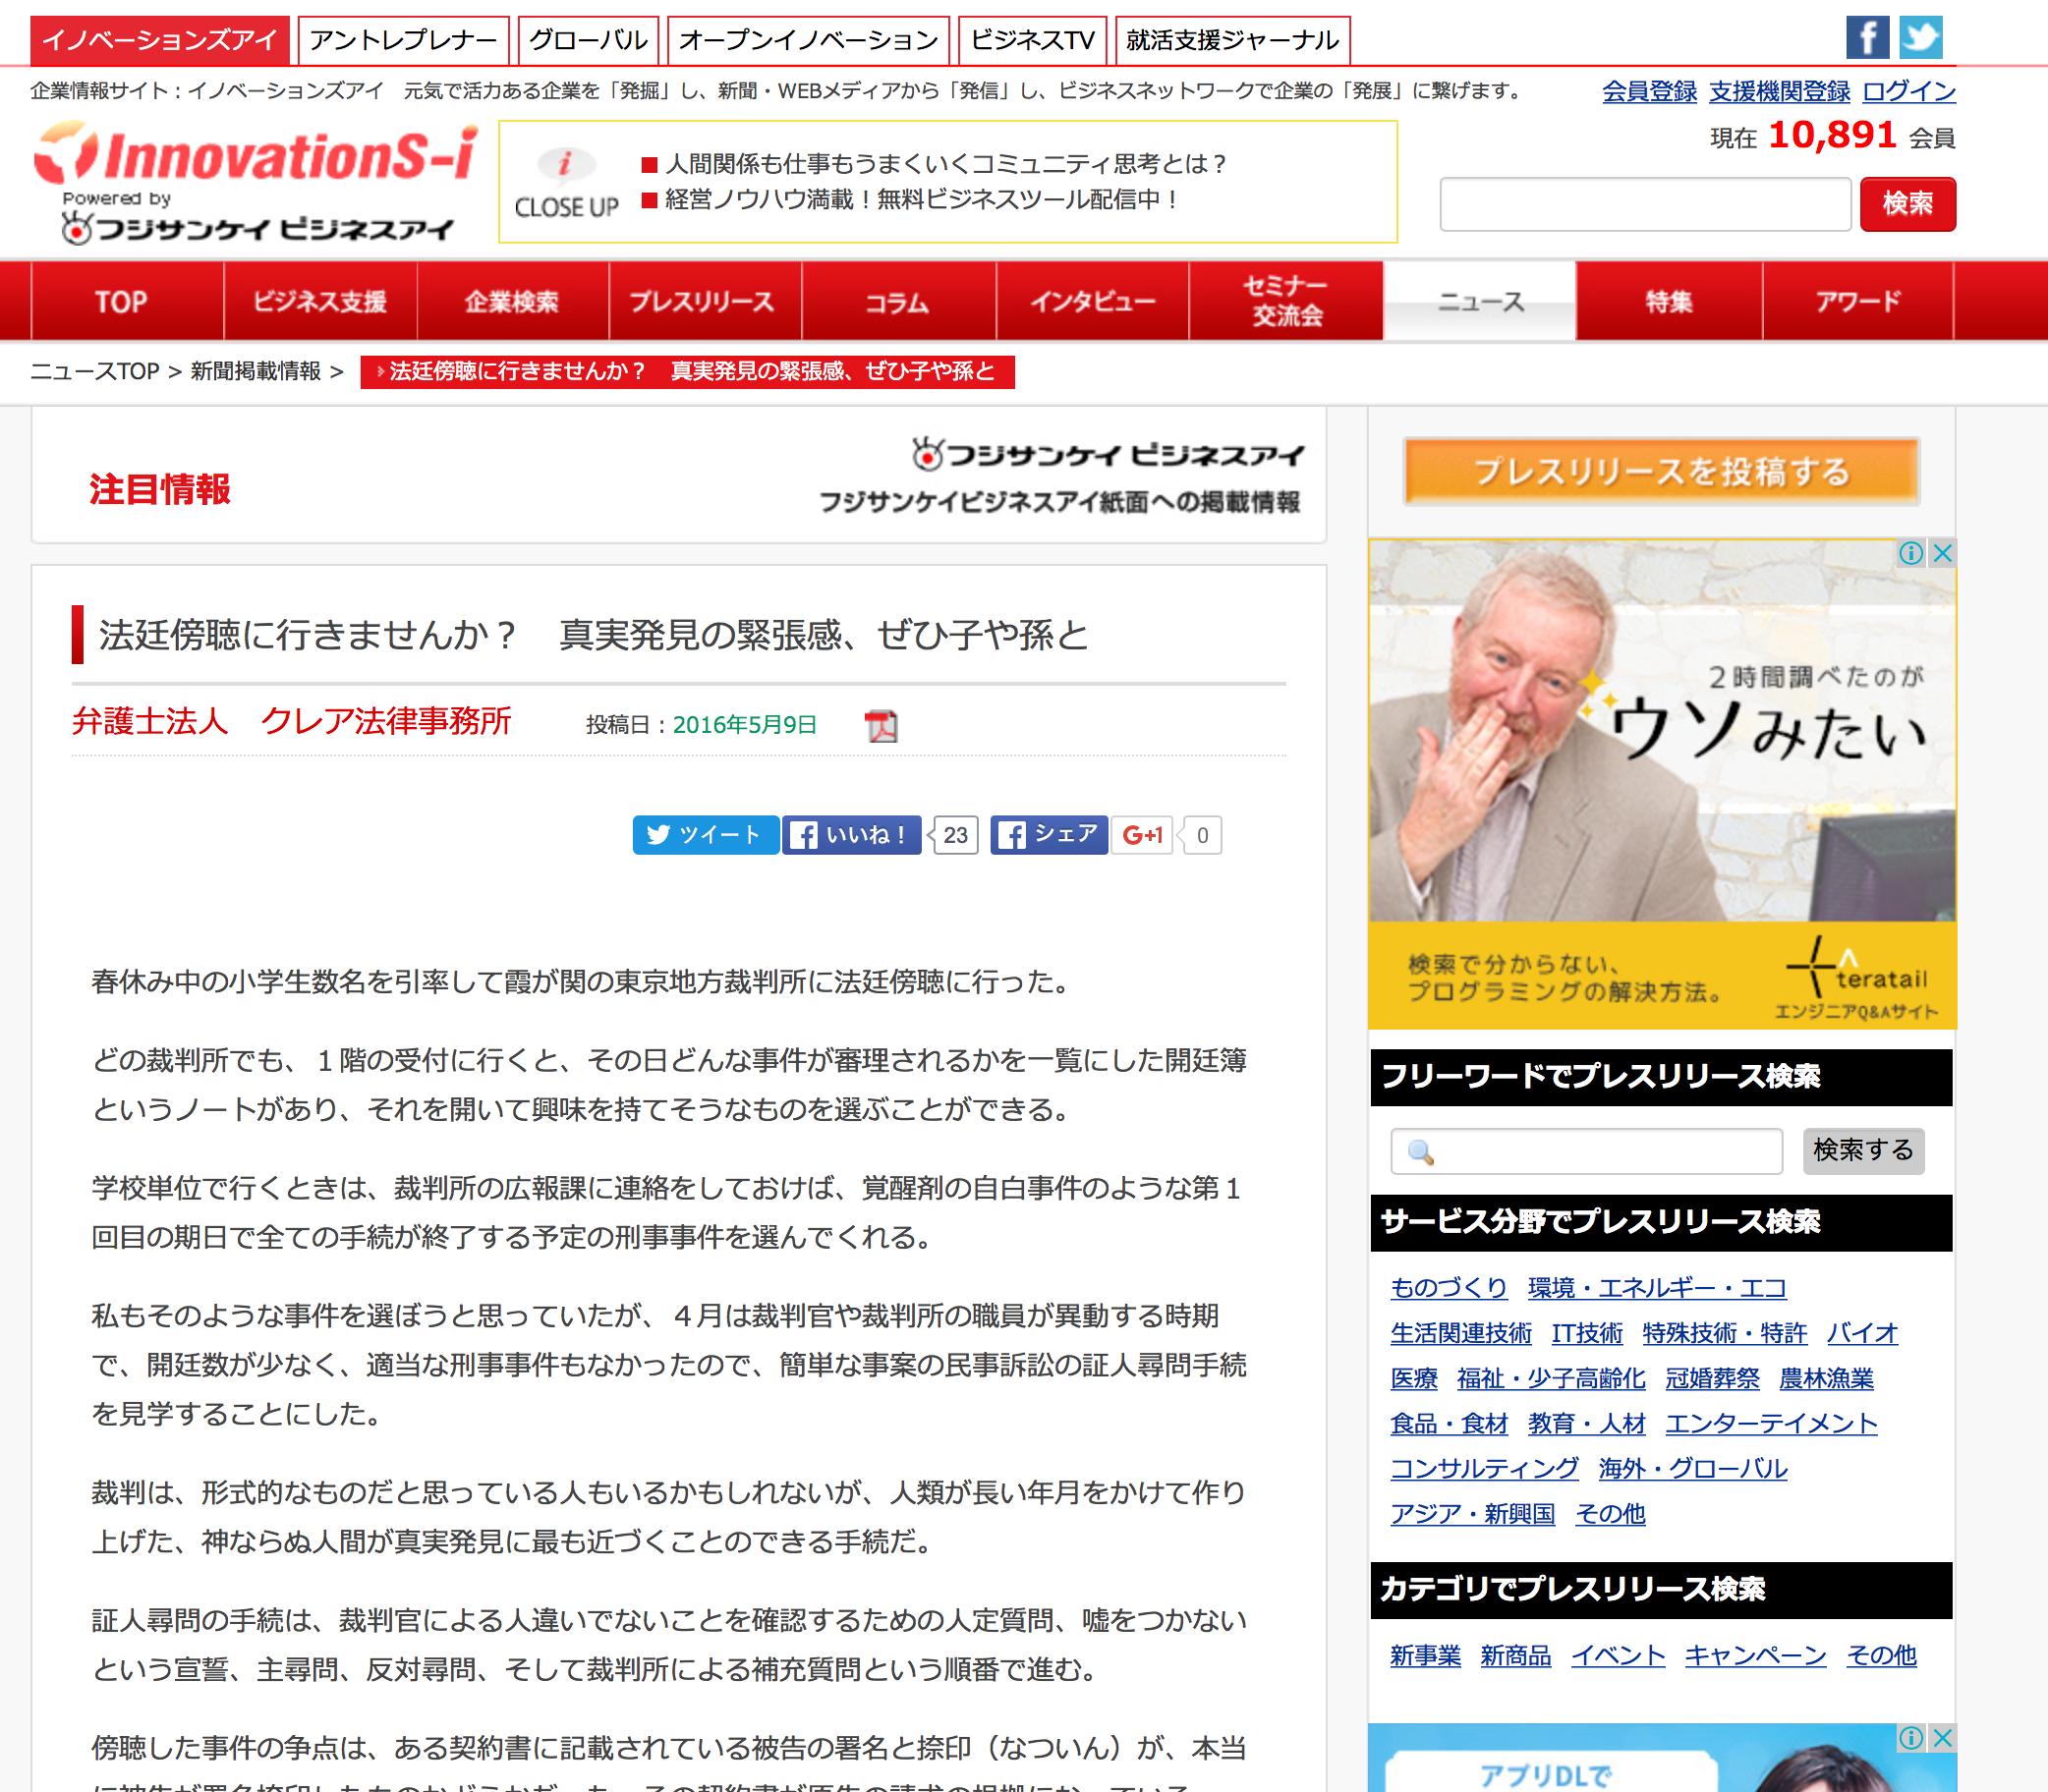 「イノベーションズアイ」に古田弁護士の記事が掲載されています。